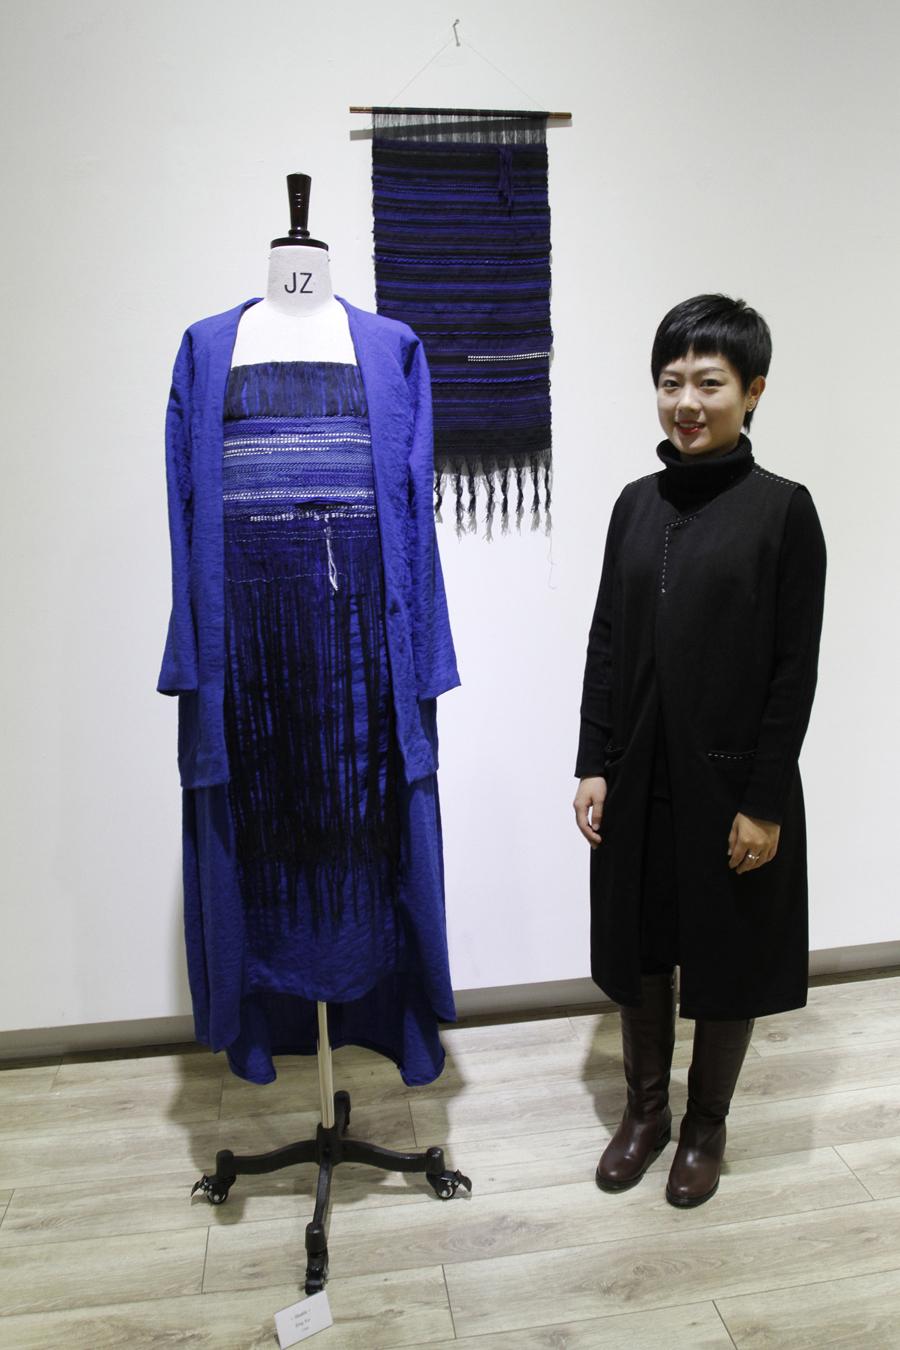 2015 Fashion Art hisheji 01 (10)